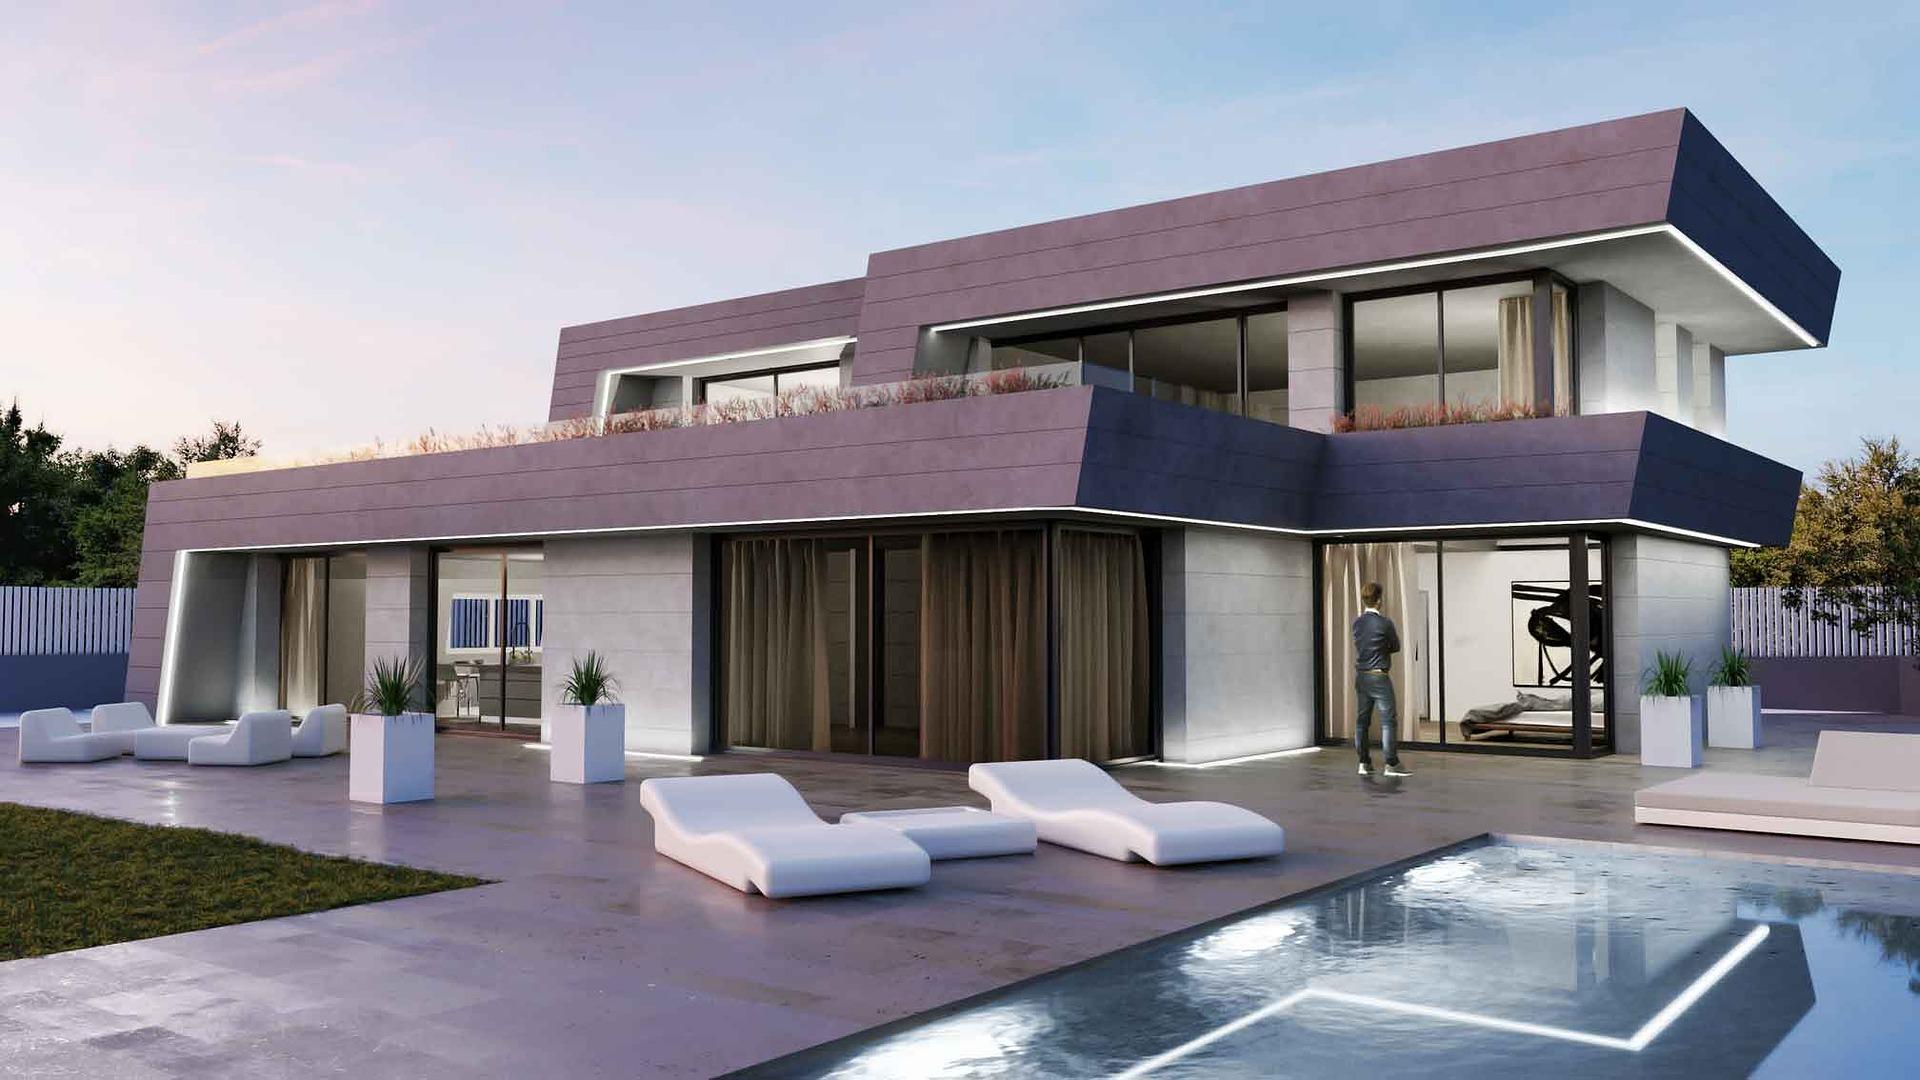 constructions du futur en quoi seront elles faites parc jardin maison. Black Bedroom Furniture Sets. Home Design Ideas